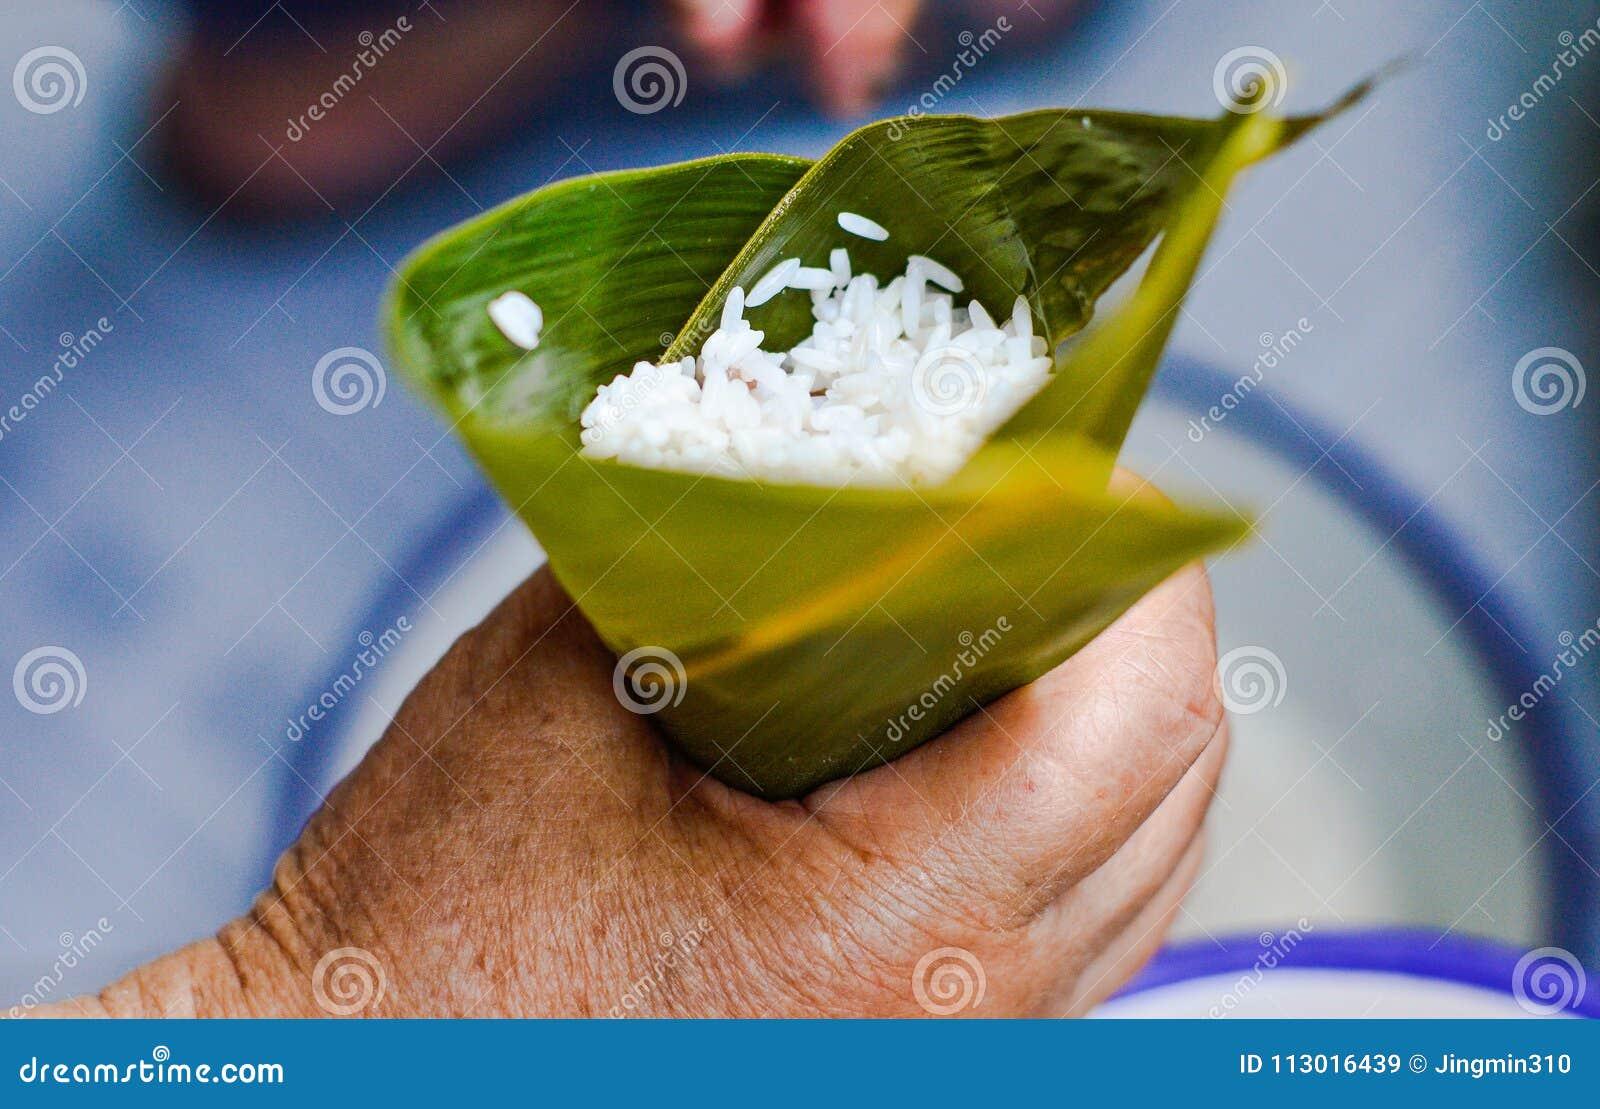 Mão que mantém a folha enchida pelo arroz pegajoso para fazer Zongzi